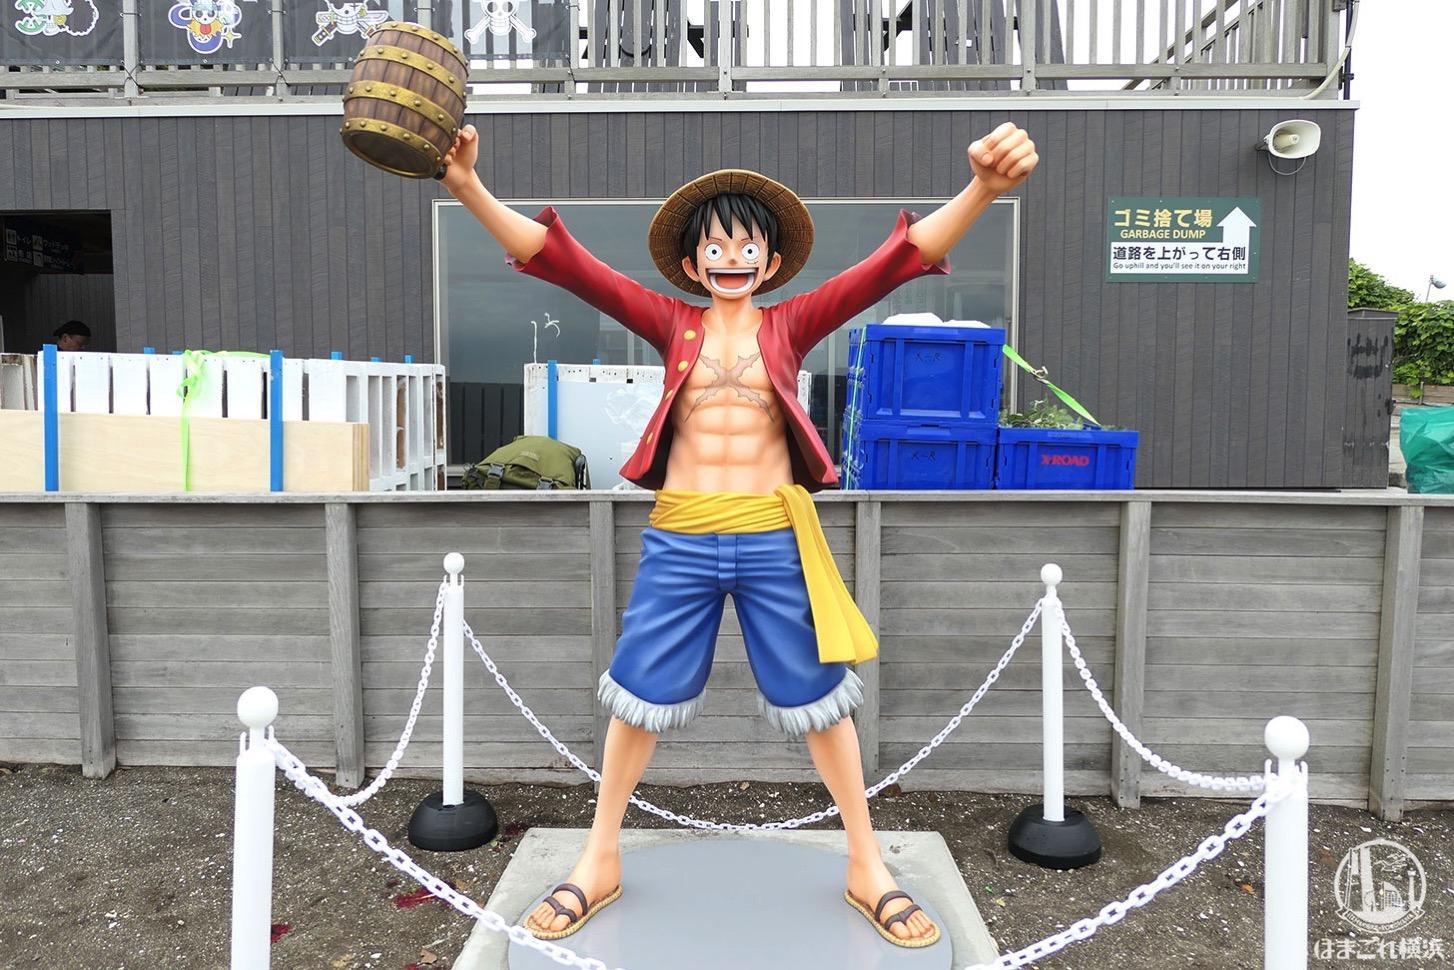 猿島・ワンピース「宴島」と横須賀市内、半日散策して大満喫!場所と写真いろいろ